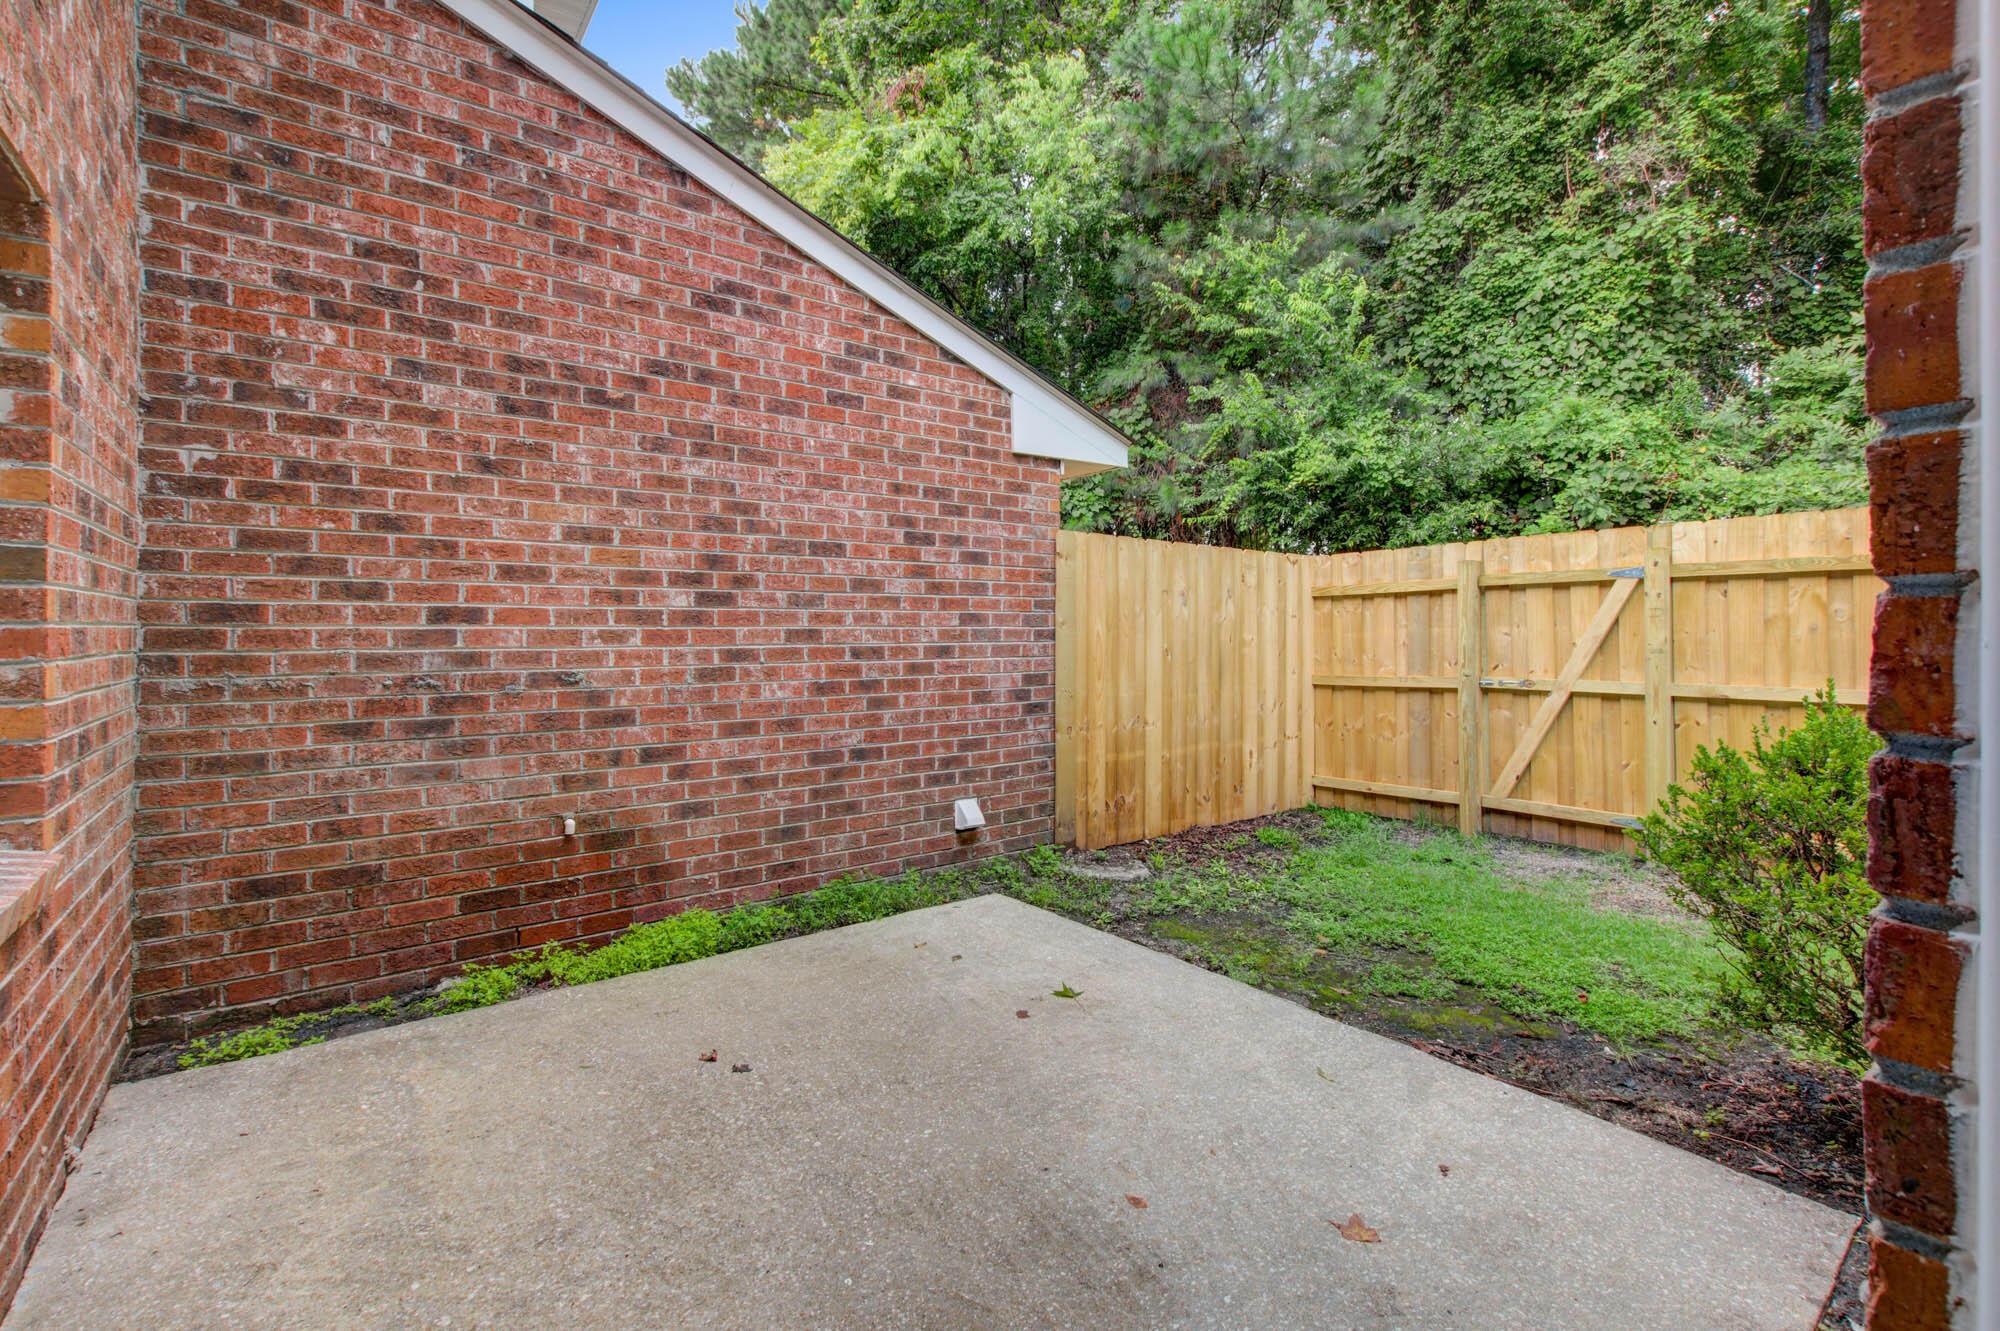 Wando East Homes For Sale - 1526 Nantahala, Mount Pleasant, SC - 17